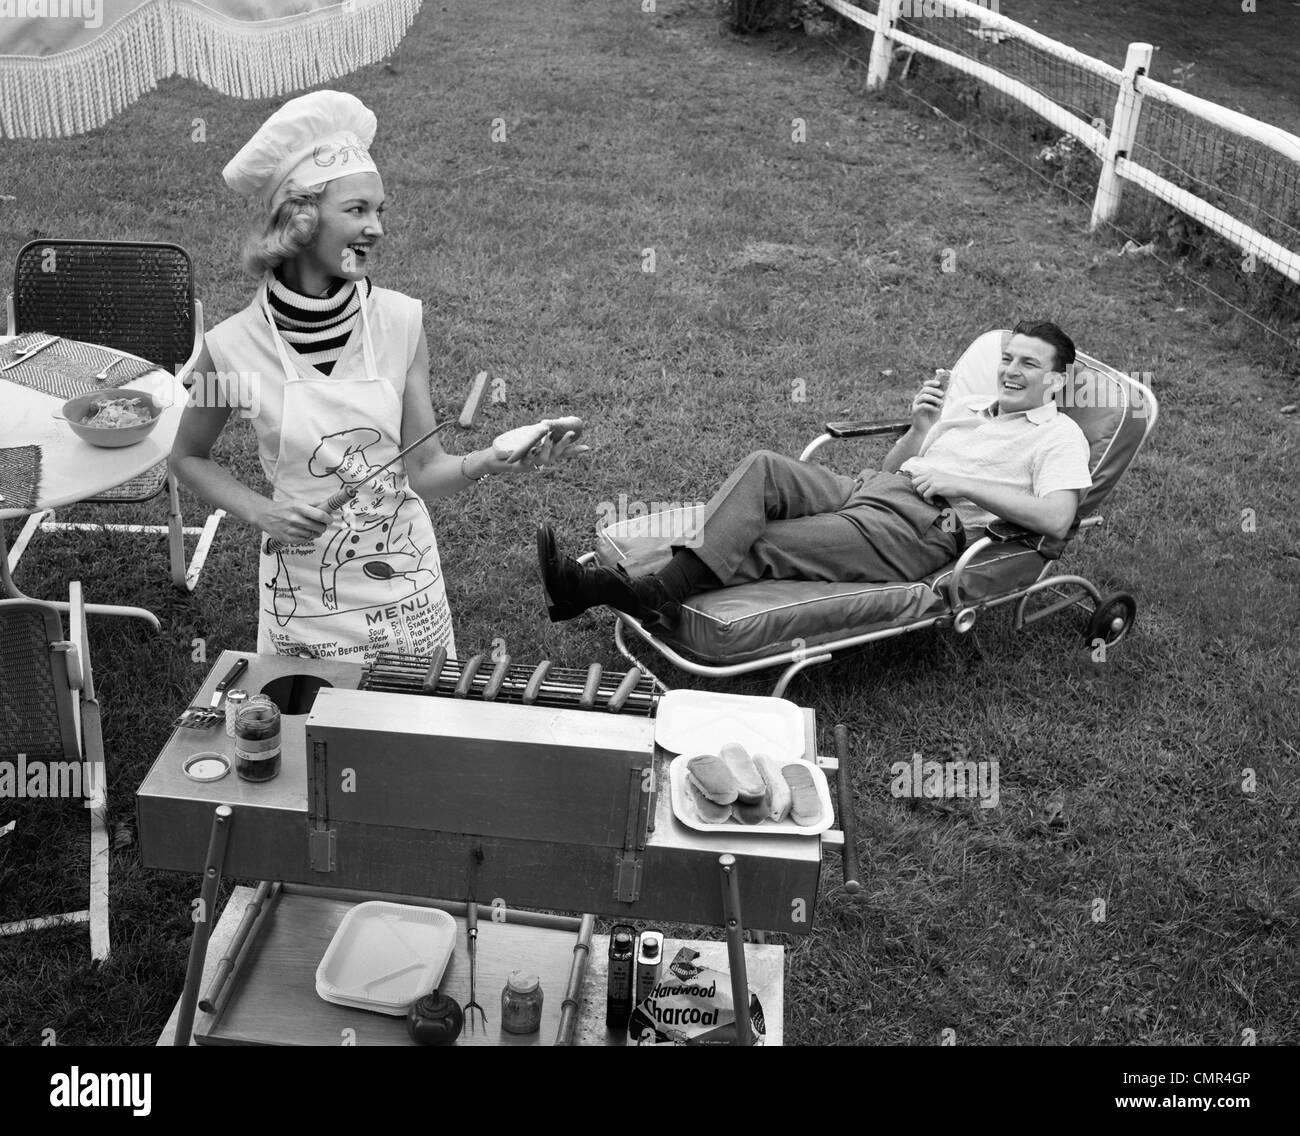 1950 1960 Mujer con gorro de cocinero y delantal cocinando perritos calientes en el asador HOMBRE EN chaise longue Imagen De Stock